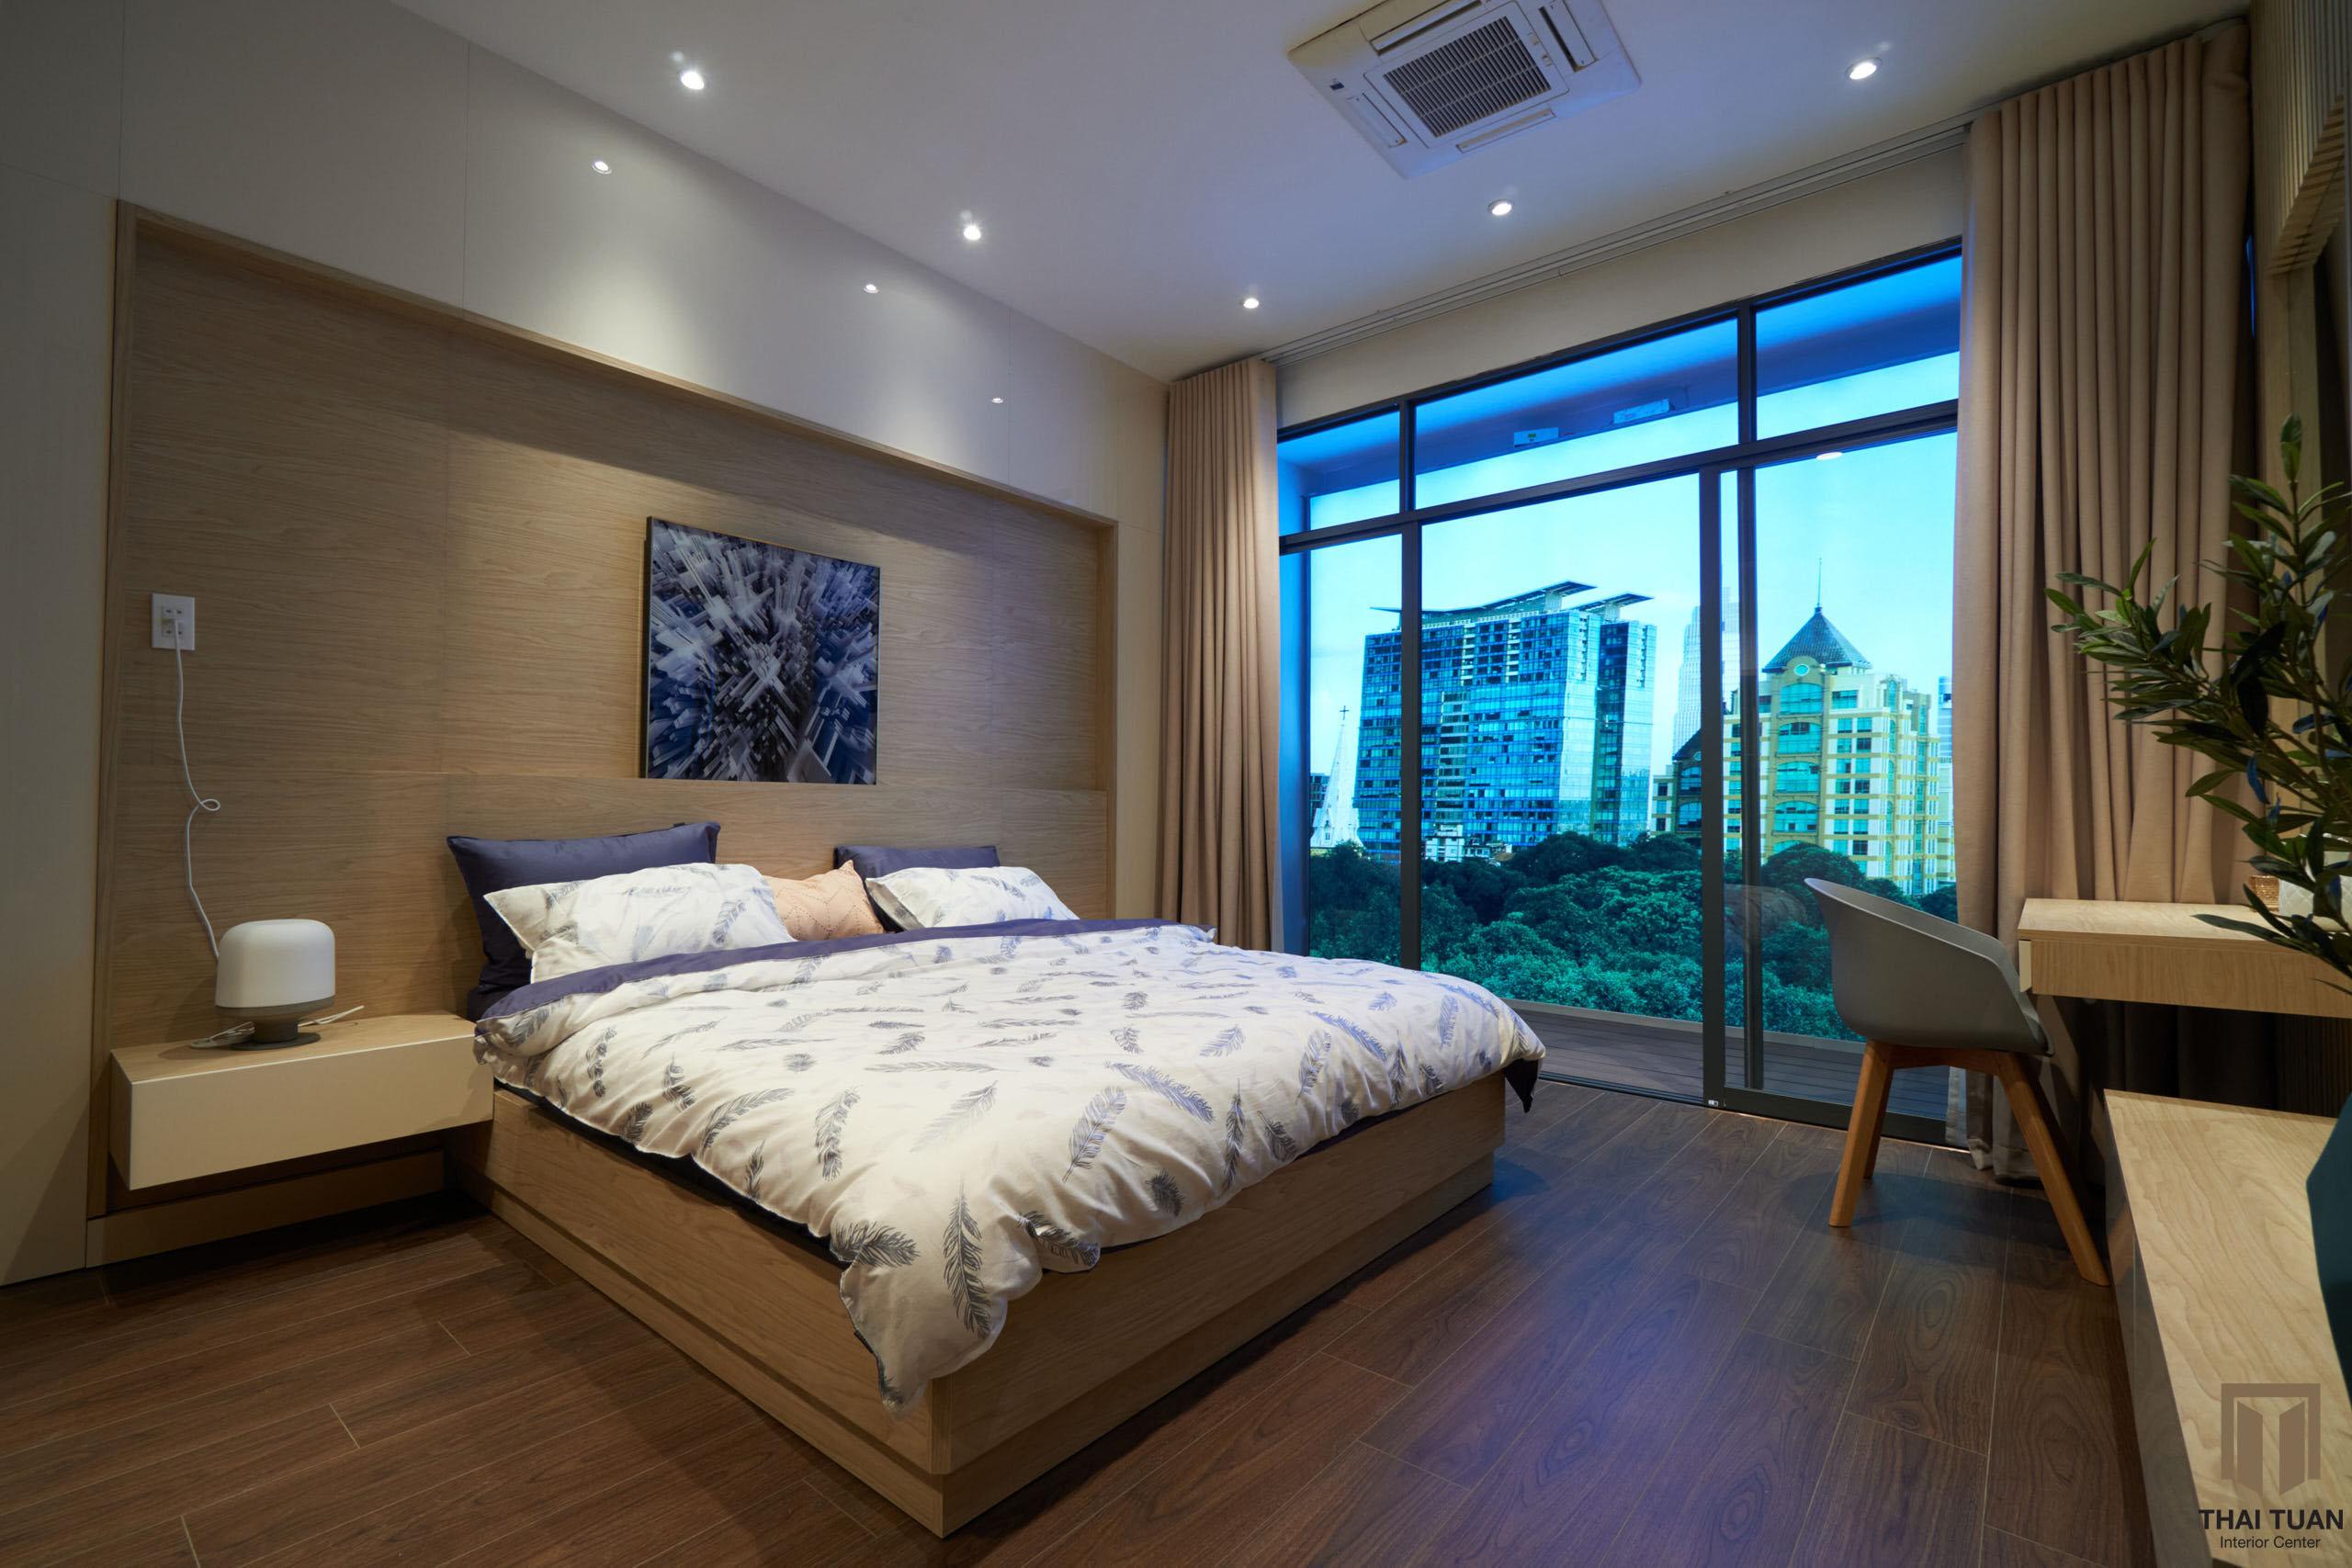 Phòng ngủ master với hệ cửa kính tận dụng tối đa ánh sáng tự nhiên